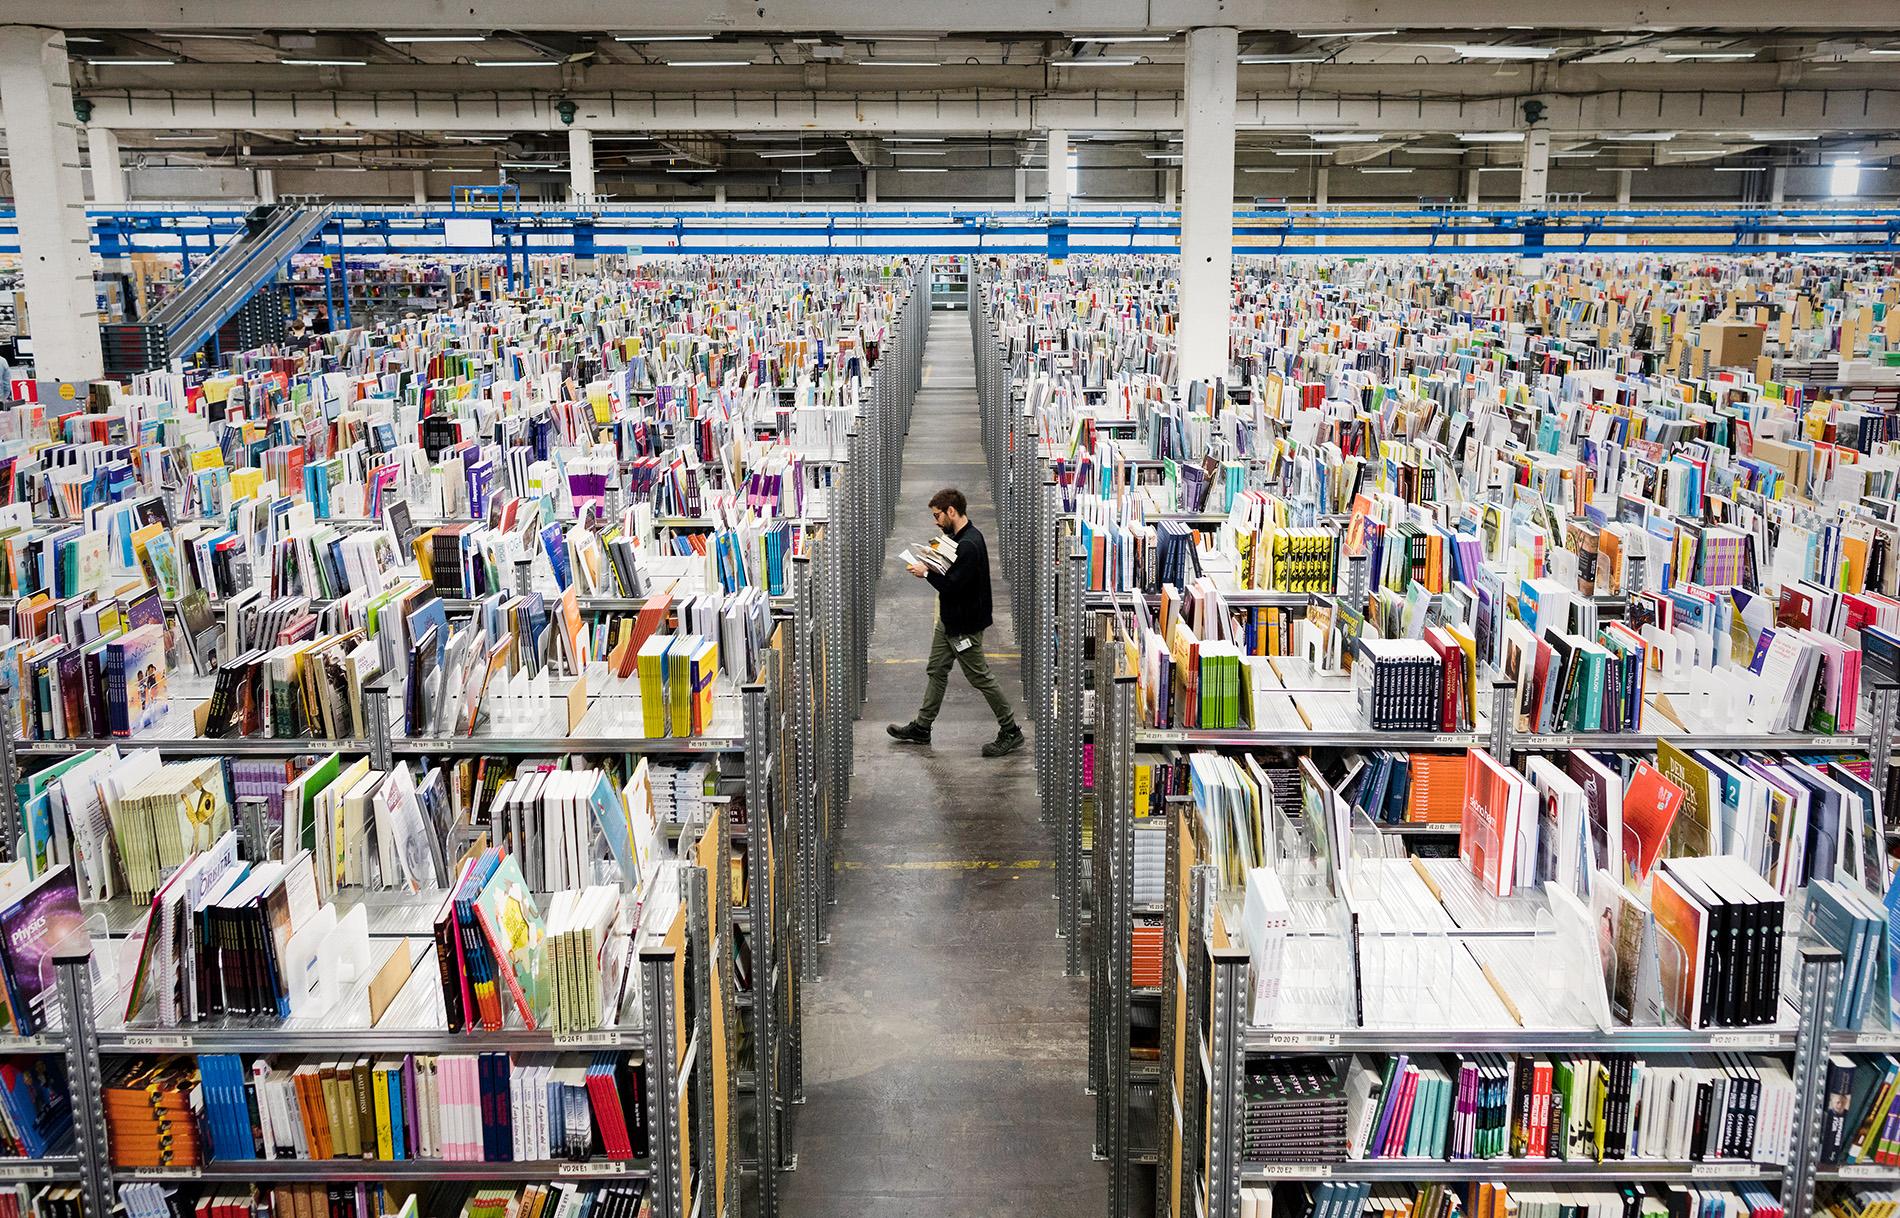 Ett reportage om Adlibris i Morgongåva.  Otroligt vad med böcker :) Jag älskar böcker. Det var inte helt lätt att fokusera då man hela tiden såg böcker man ville kolla i… Undrar hur många hyllmeter dom har.. Hur många miljoner böcker…  Foto Mikael Wallerstedt